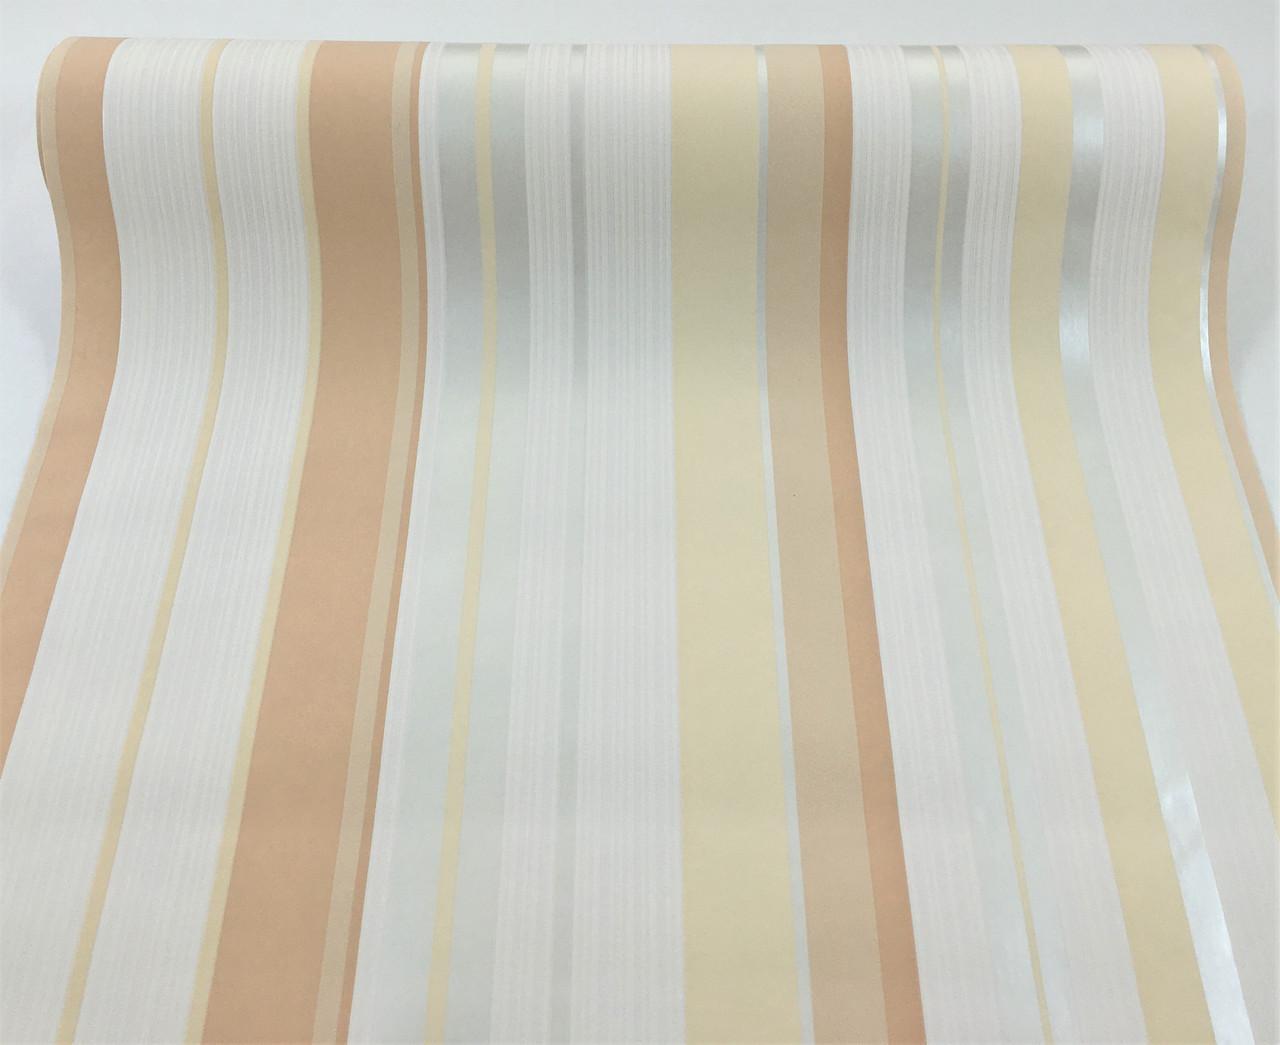 Світлі німецькі шпалери 586247, в персикову і бежеву смужку на білому, миються вінілові на флізелін